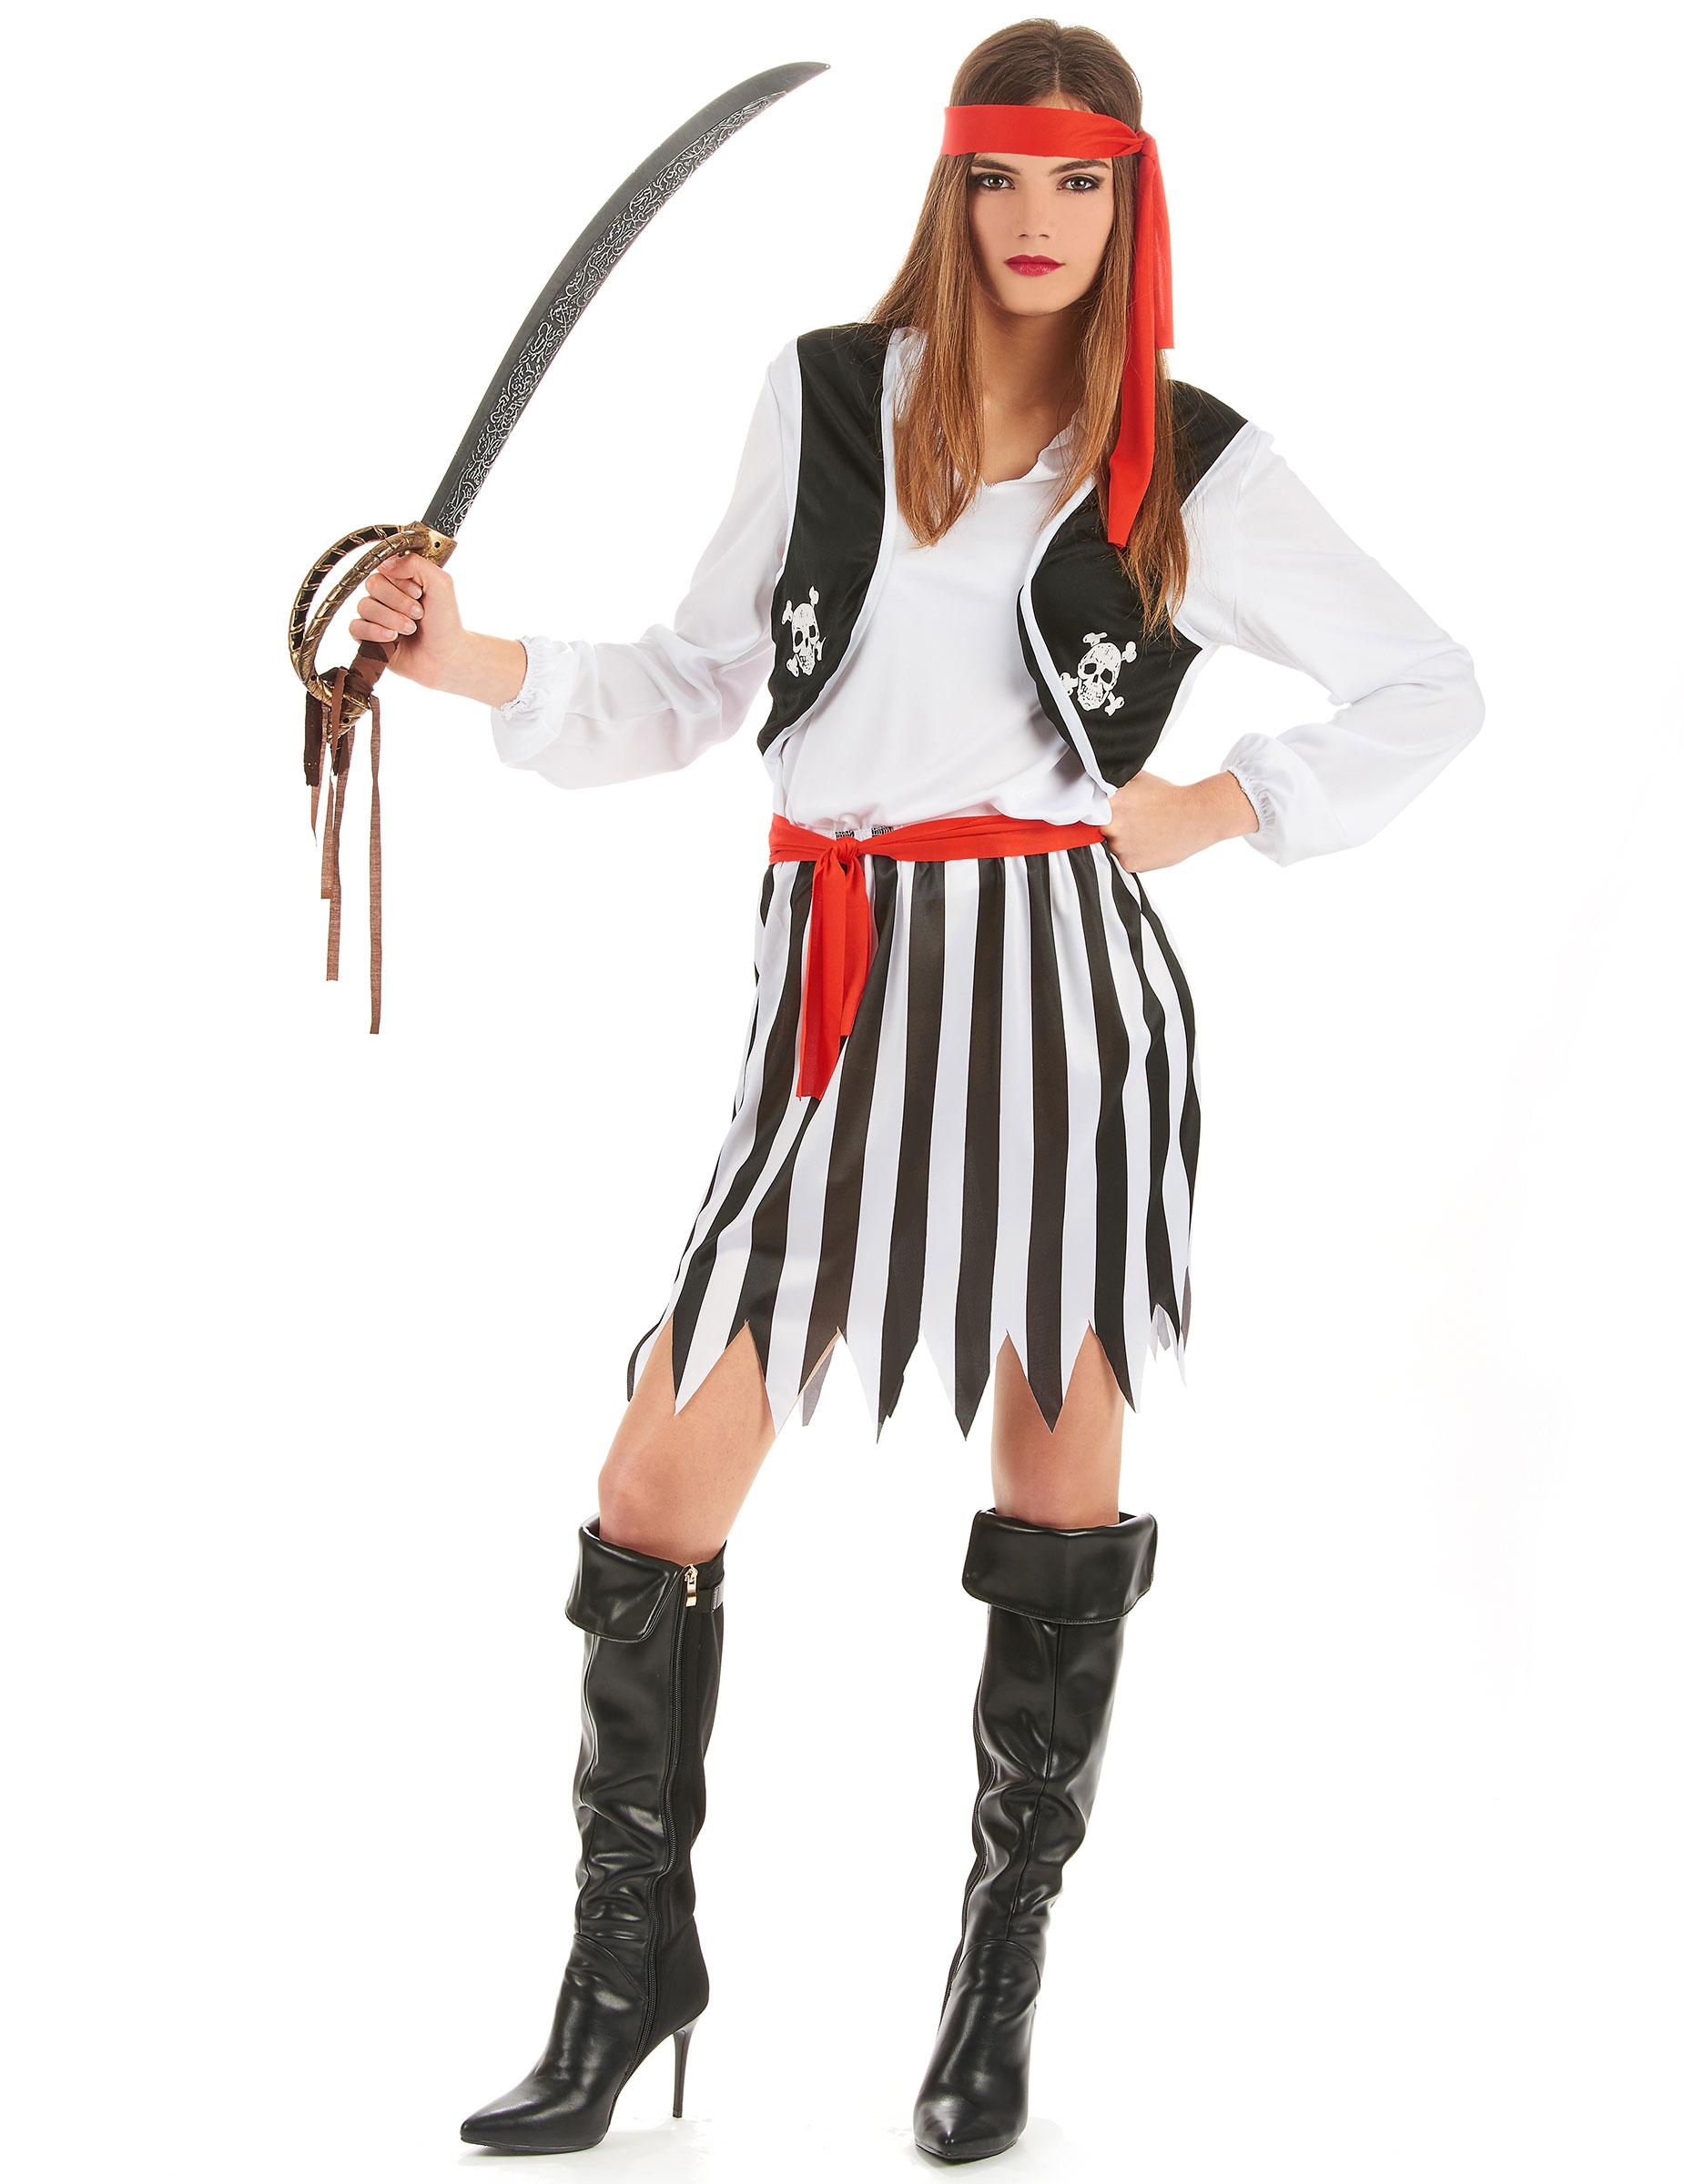 Carnavalskleding Dames Goedkoop.Gestreept Piraten Pak Voor Dames Volwassenen Kostuums En Goedkope